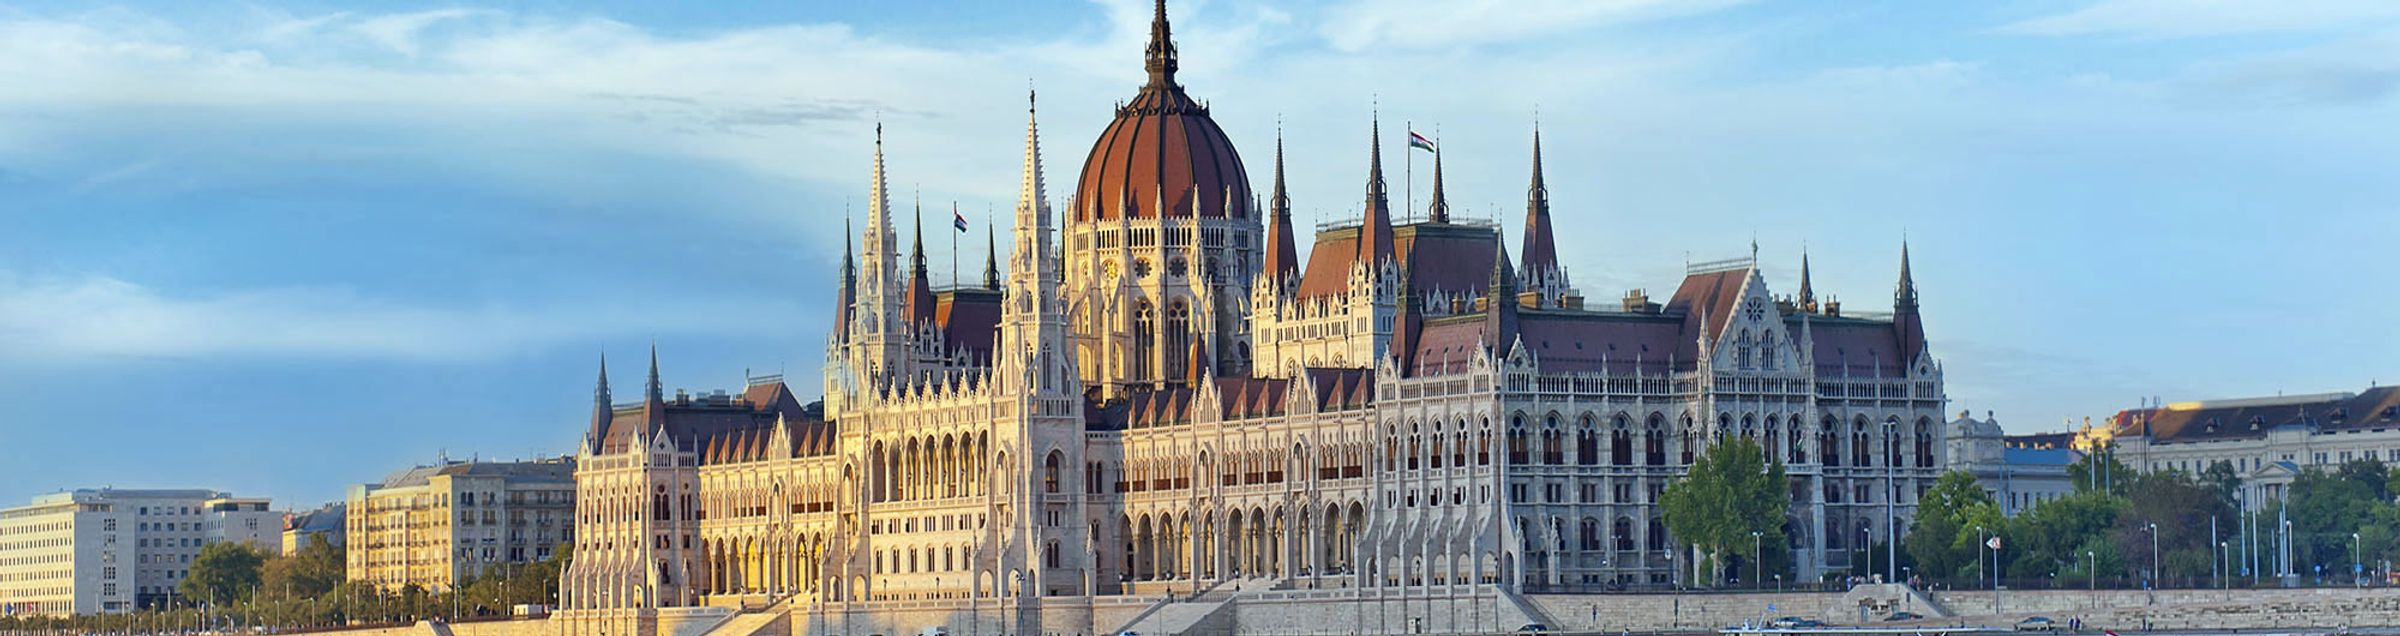 Hotel Budapest - Offerte b&b e alberghi da € 100 | Skyscanner